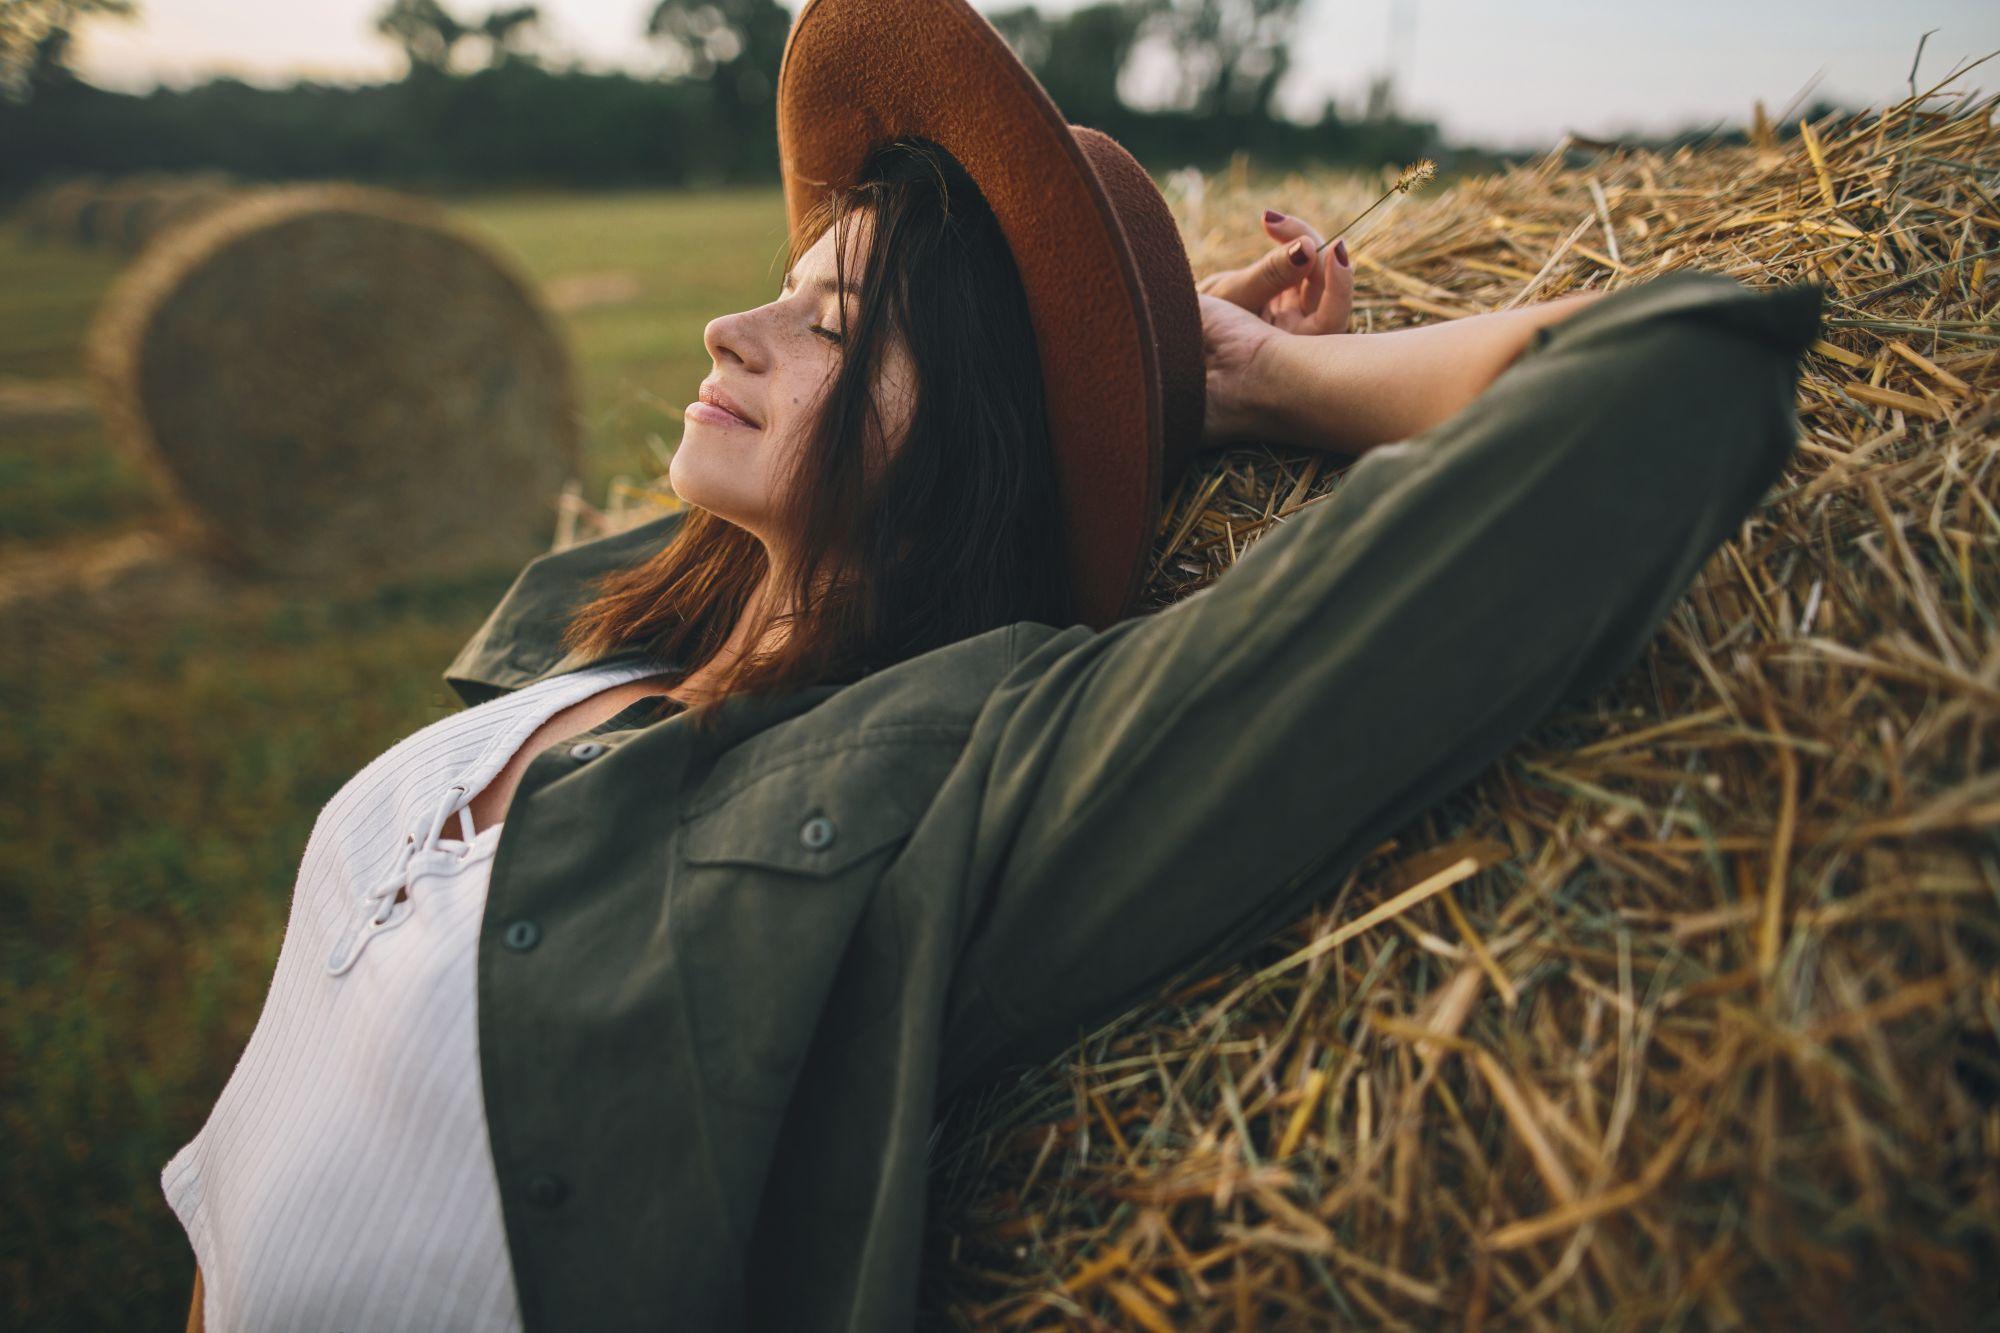 Nuori nainen hengittää rauhallisesti peltomaisemassa